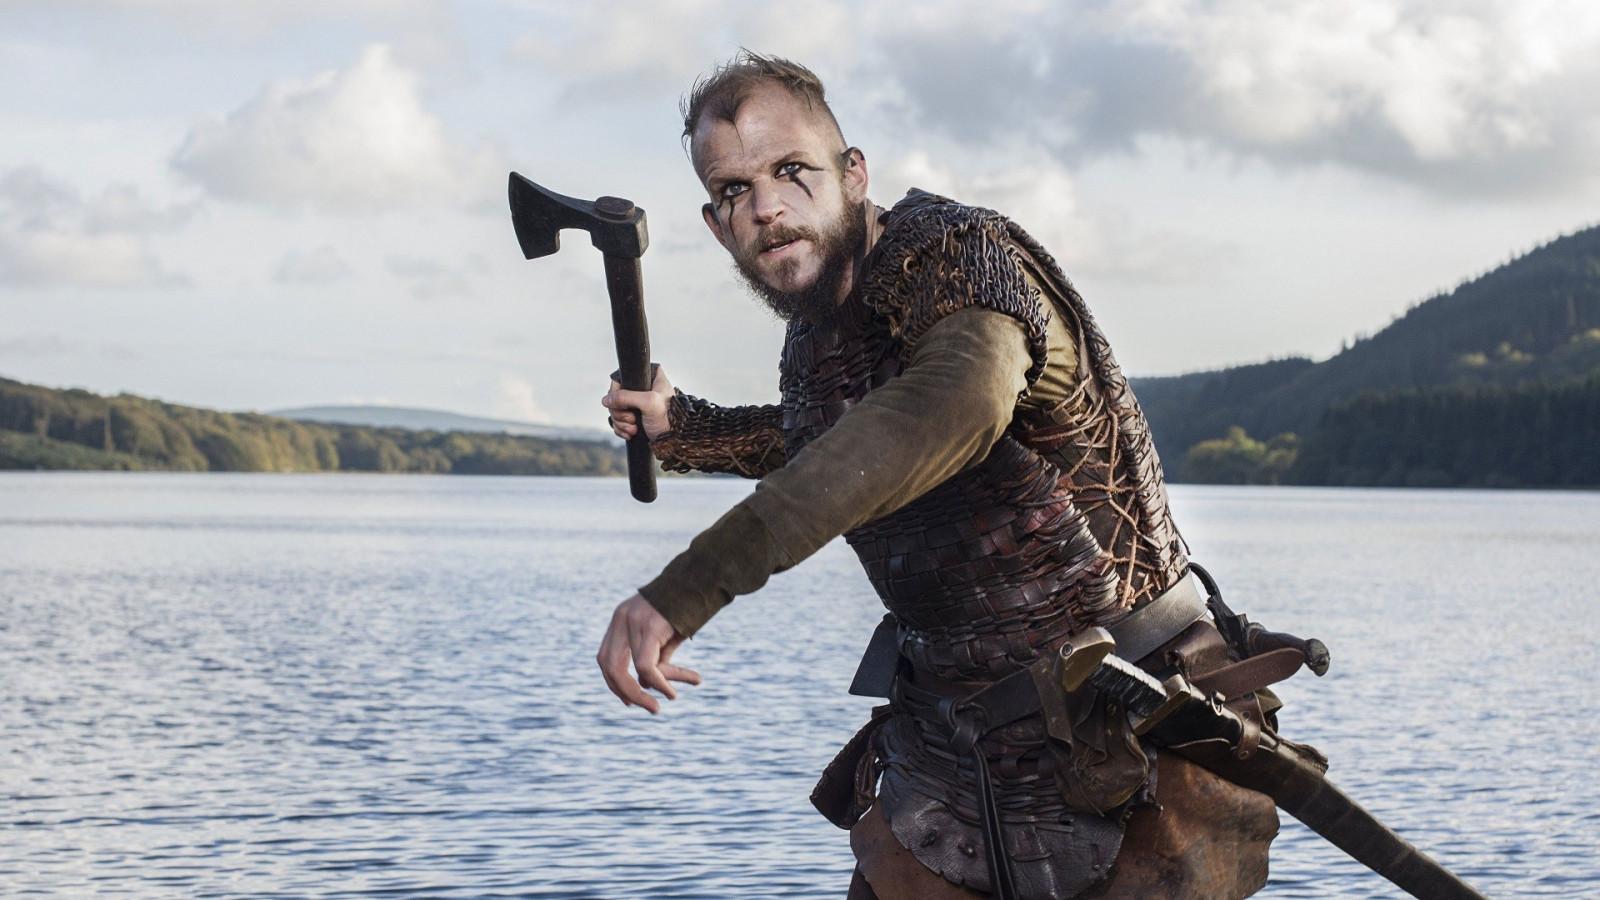 Fond d'écran : eau, séries télévisées, Série TV Vikings, Floki, amusement, des loisirs ...